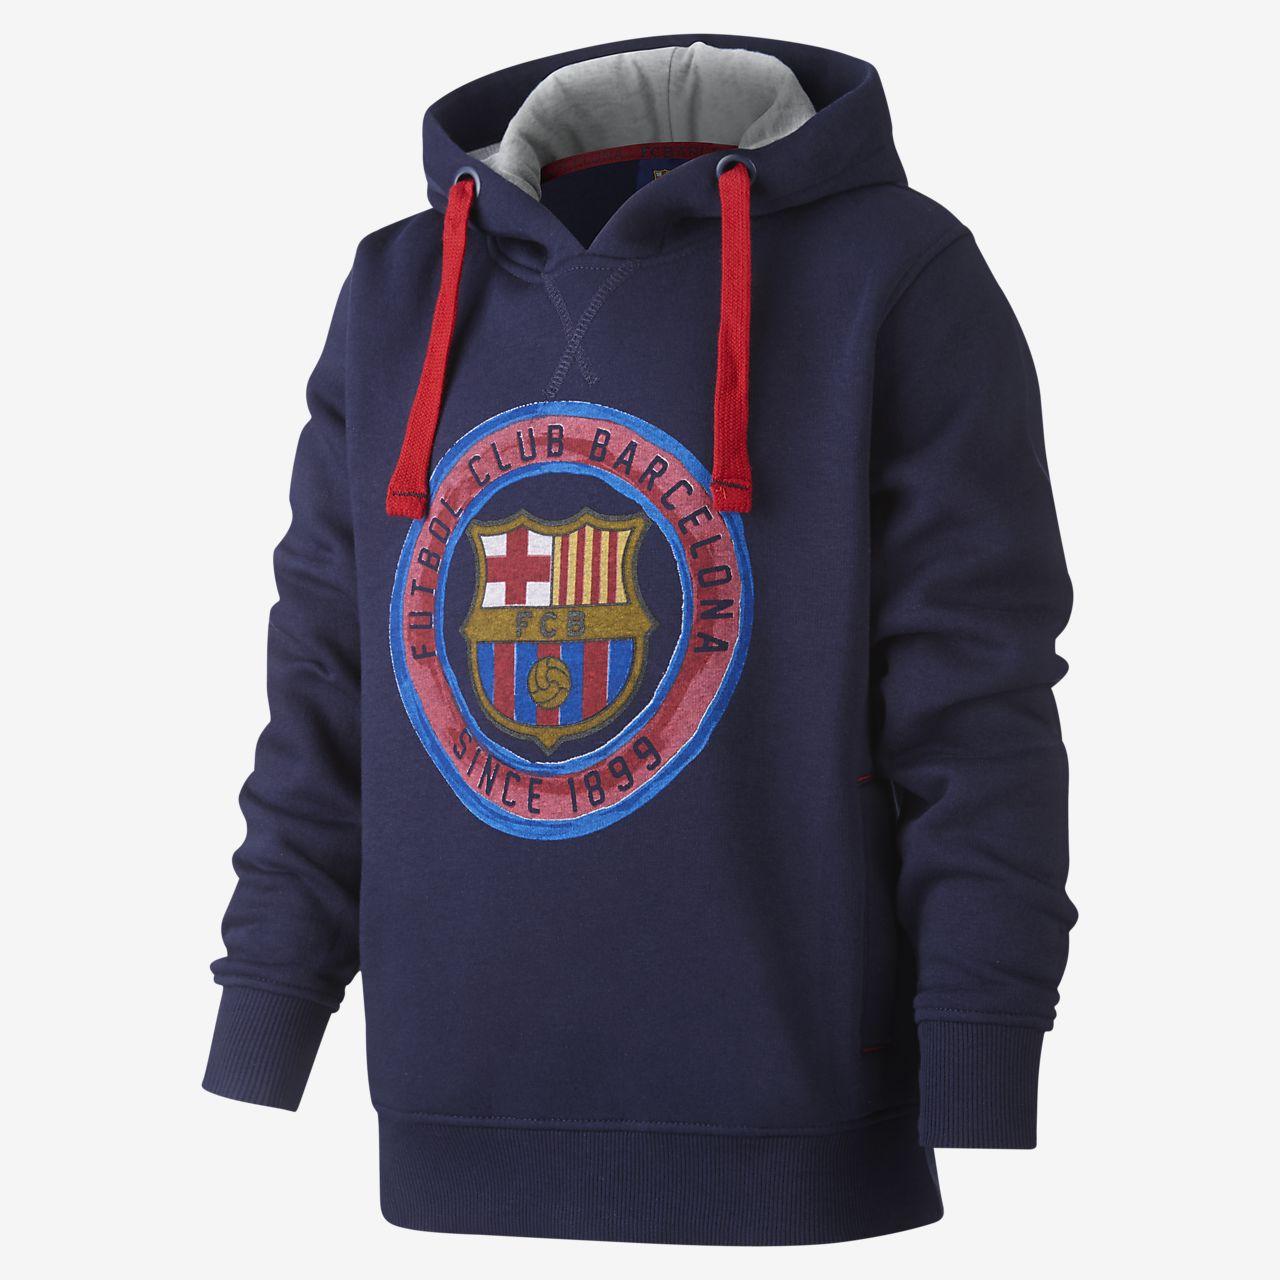 Μπλούζα με κουκούλα FC Barcelona για μεγάλα παιδιά